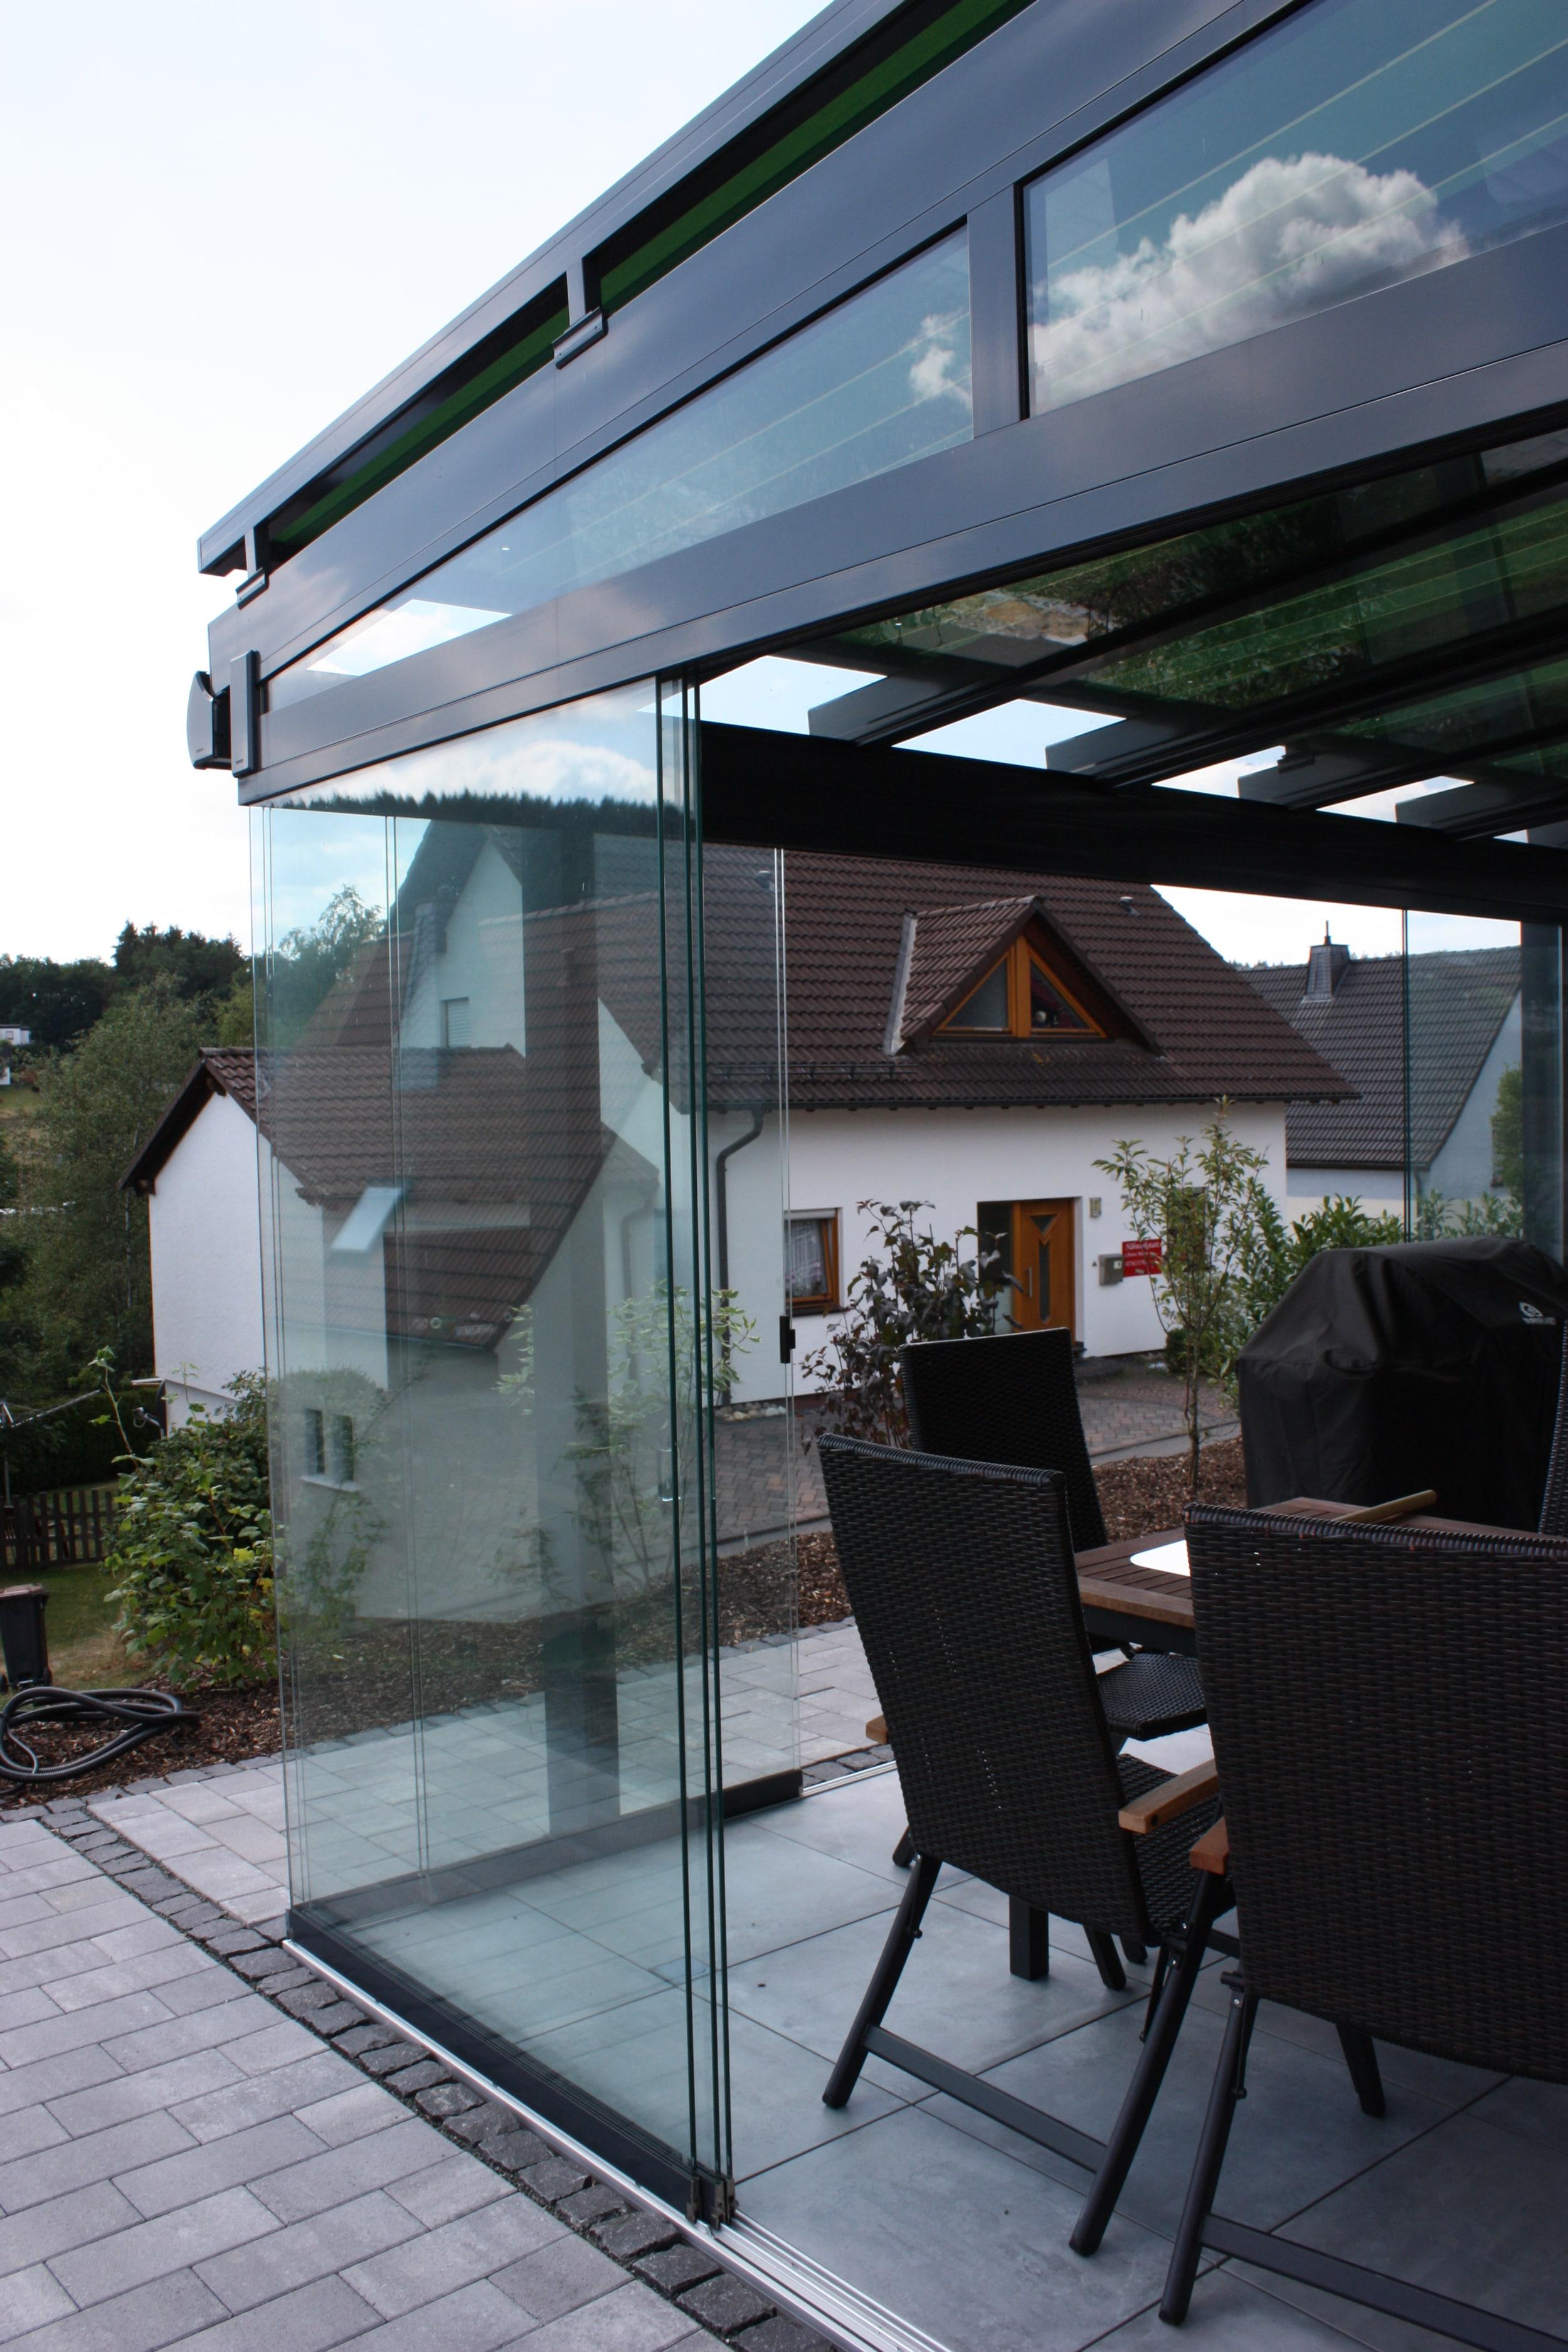 Wintergarten Sunflex mit Schiebetüren